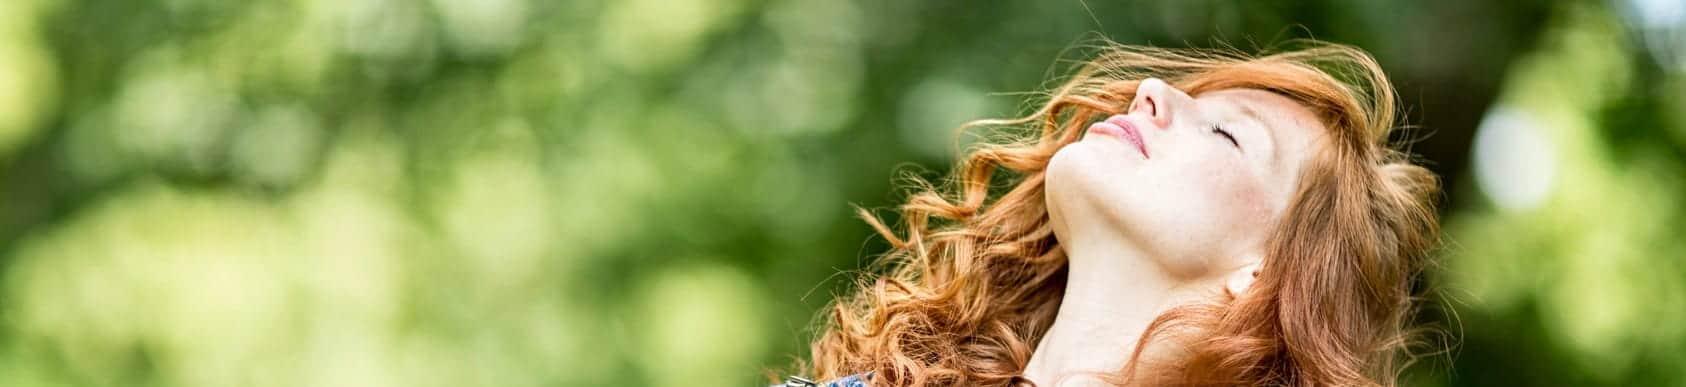 lifting visage cou cervico-facial chirurgie esthetique face rajeunissement geneve annecy lausanne chambery aix lyon grenoble